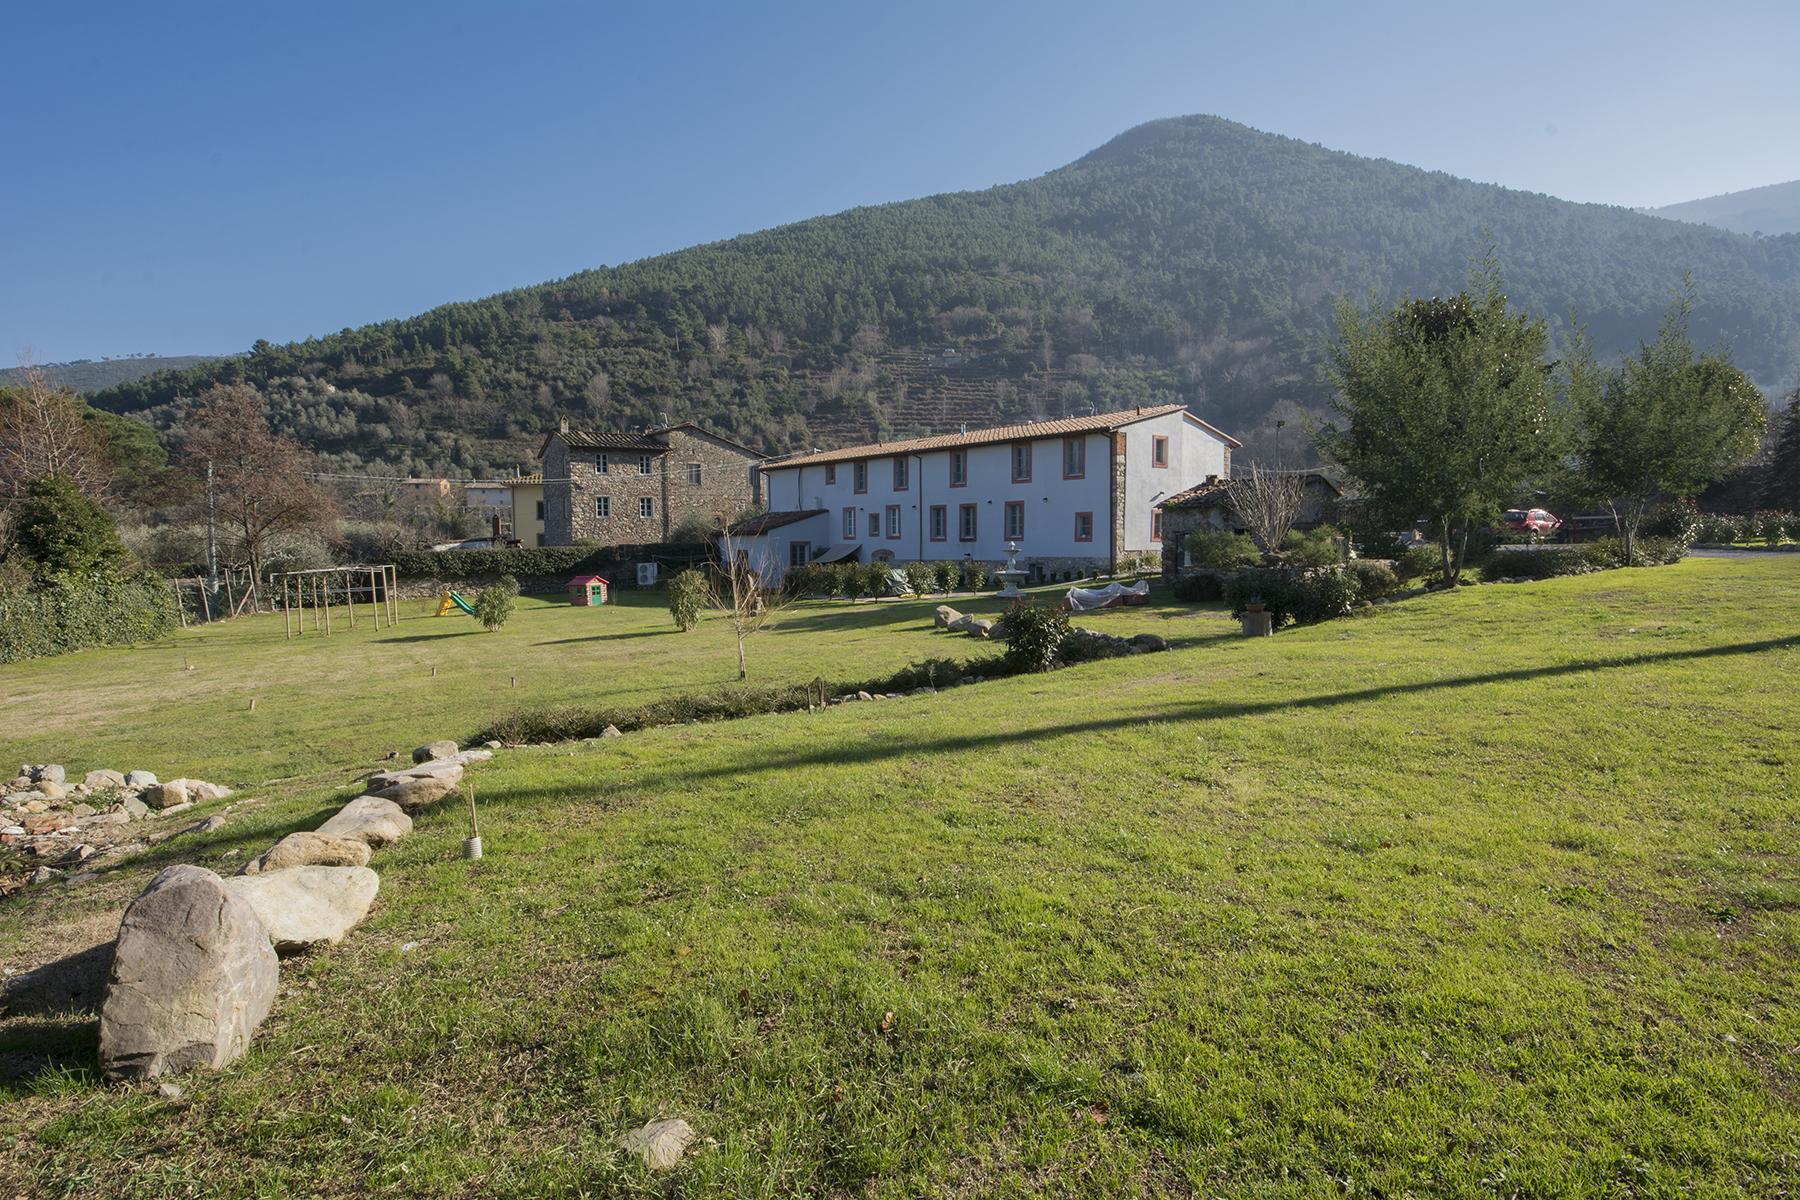 Rustico in Vendita a Capannori: 5 locali, 500 mq - Foto 11